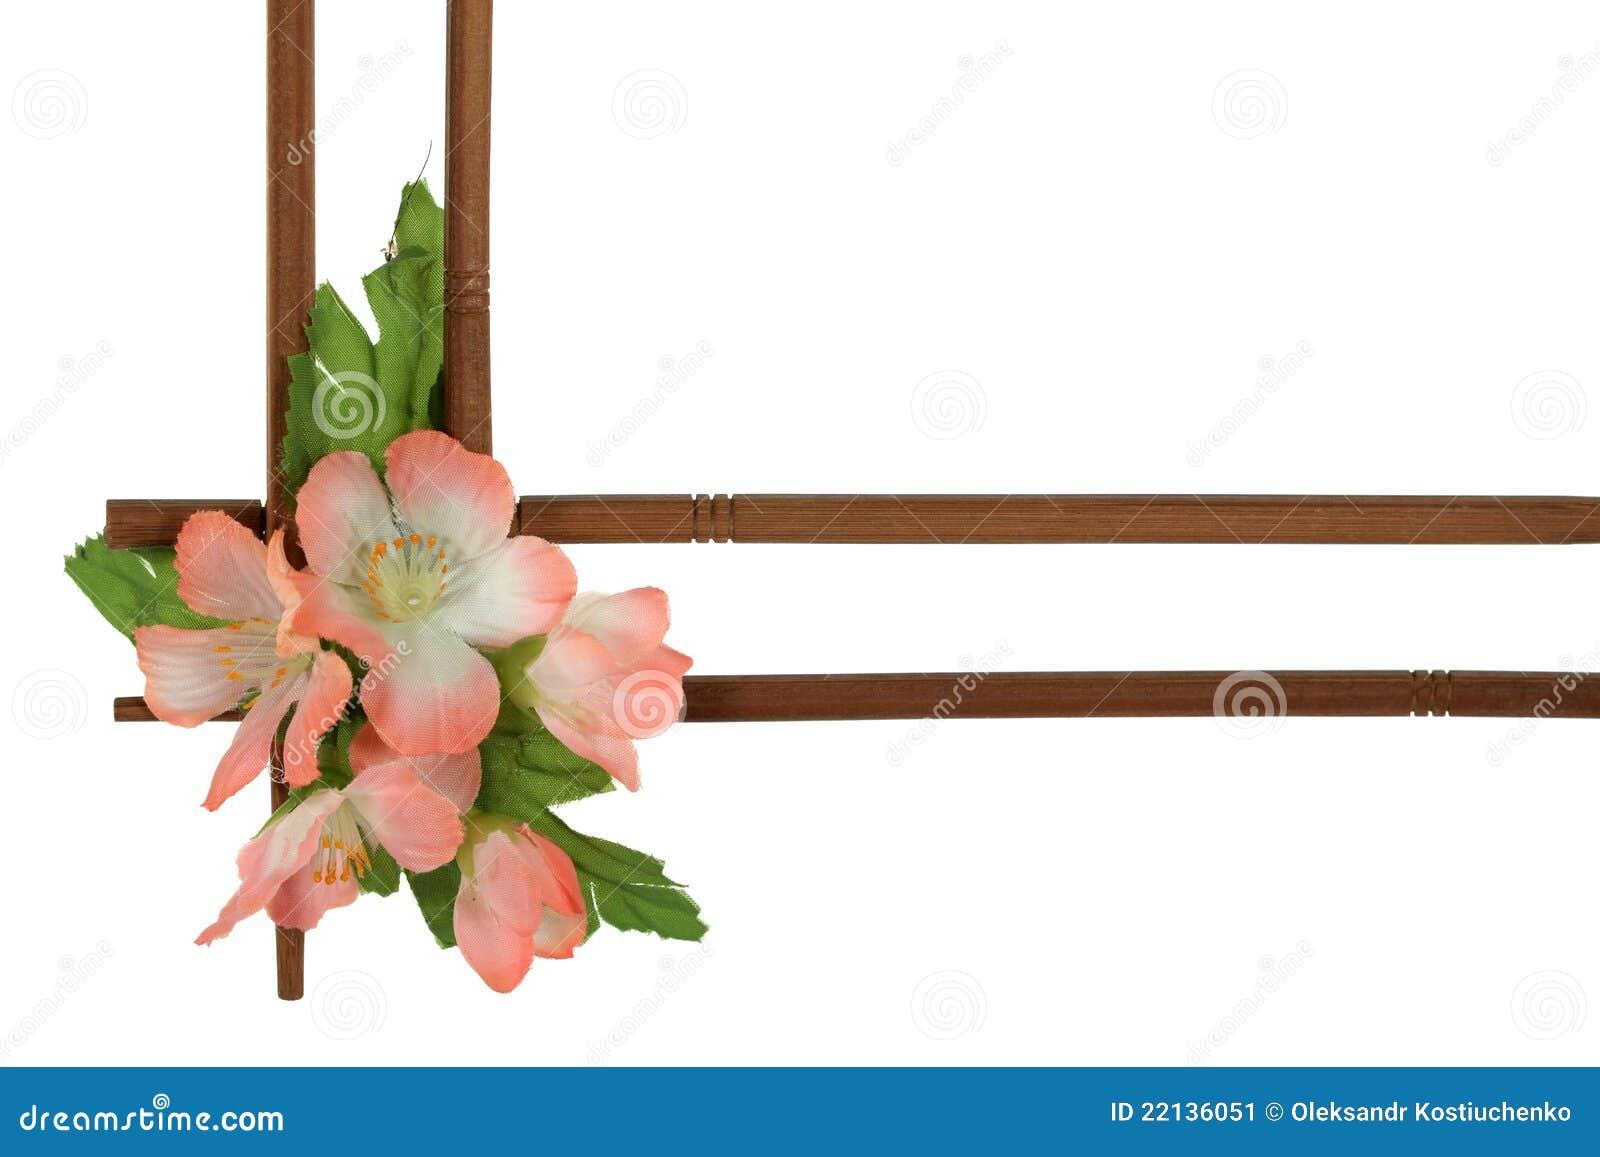 Marco De Madera Decorativo Adornado Con Las Flores Imagen de archivo ...